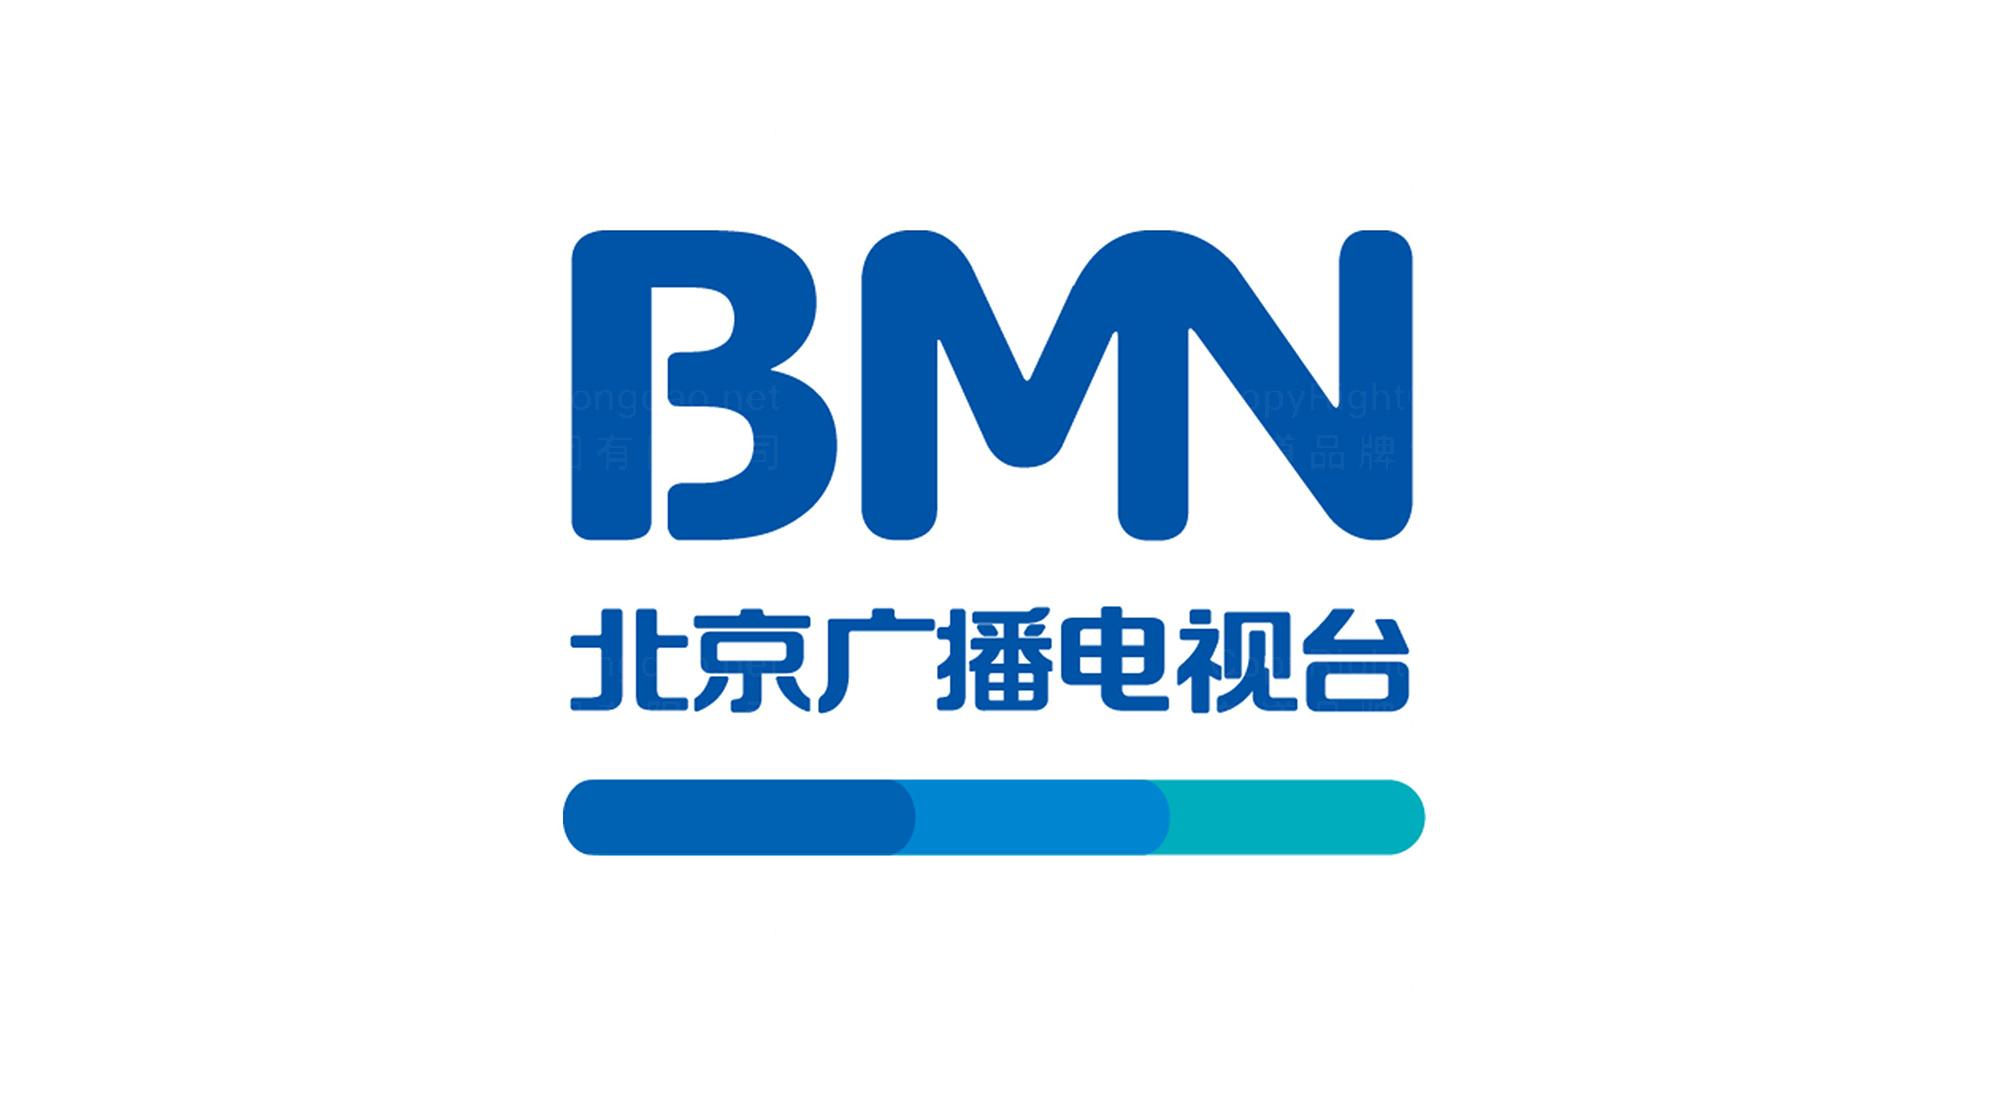 文体娱媒品牌设计北京广播电视台LOGO设计